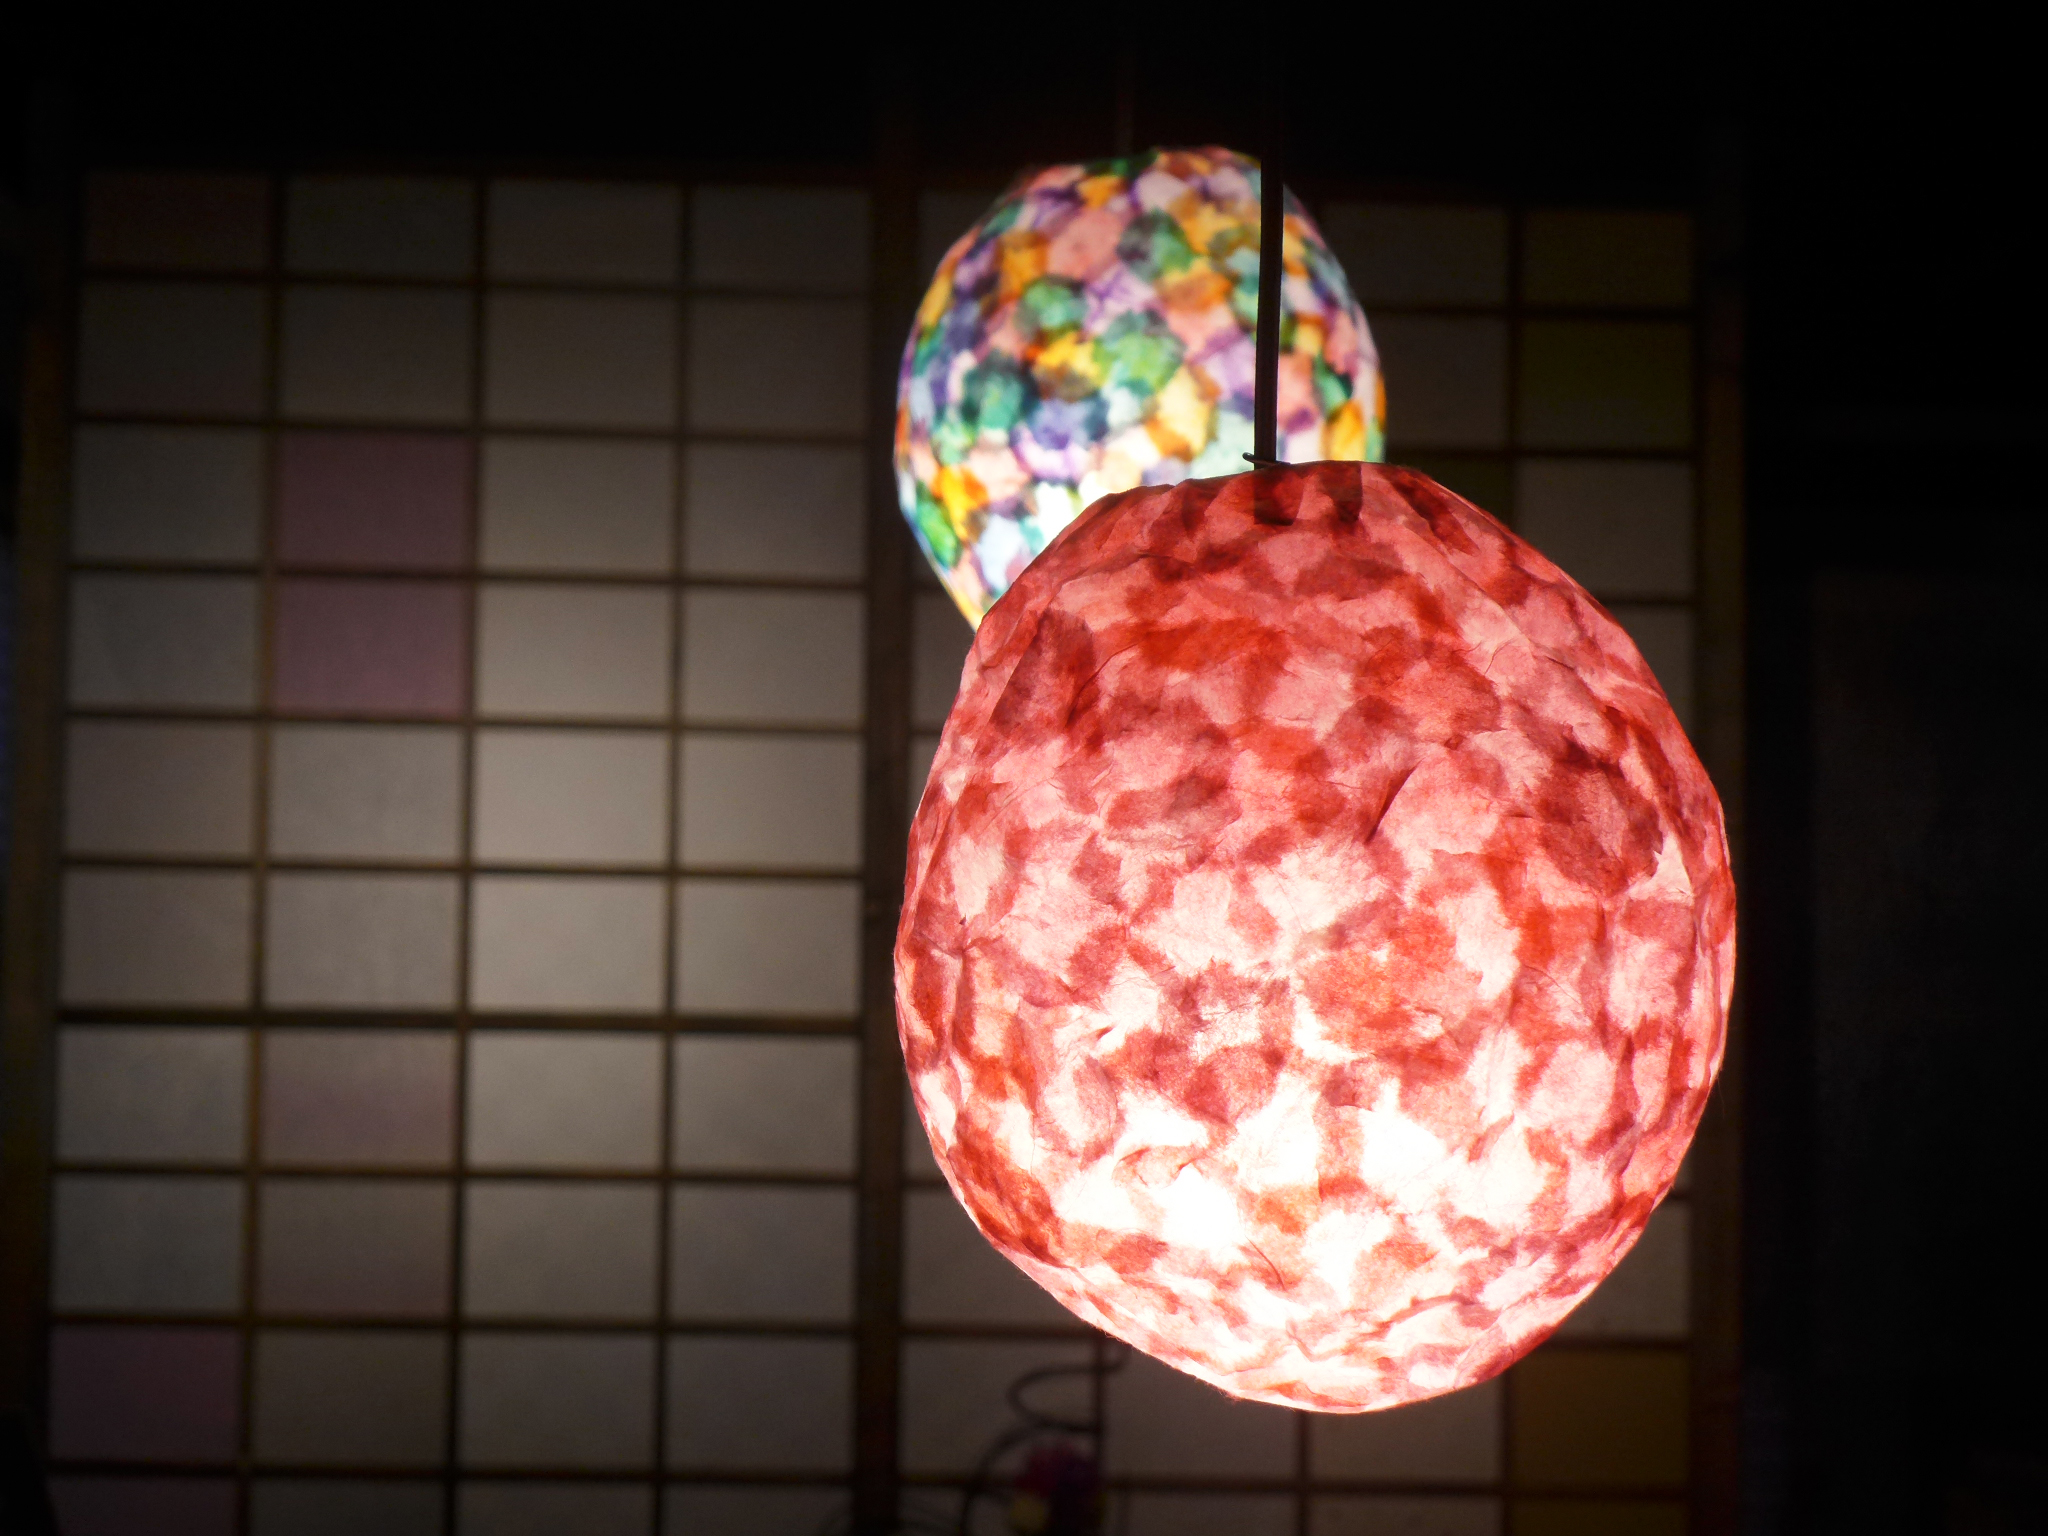 和紙の灯りで癒やされませんか?